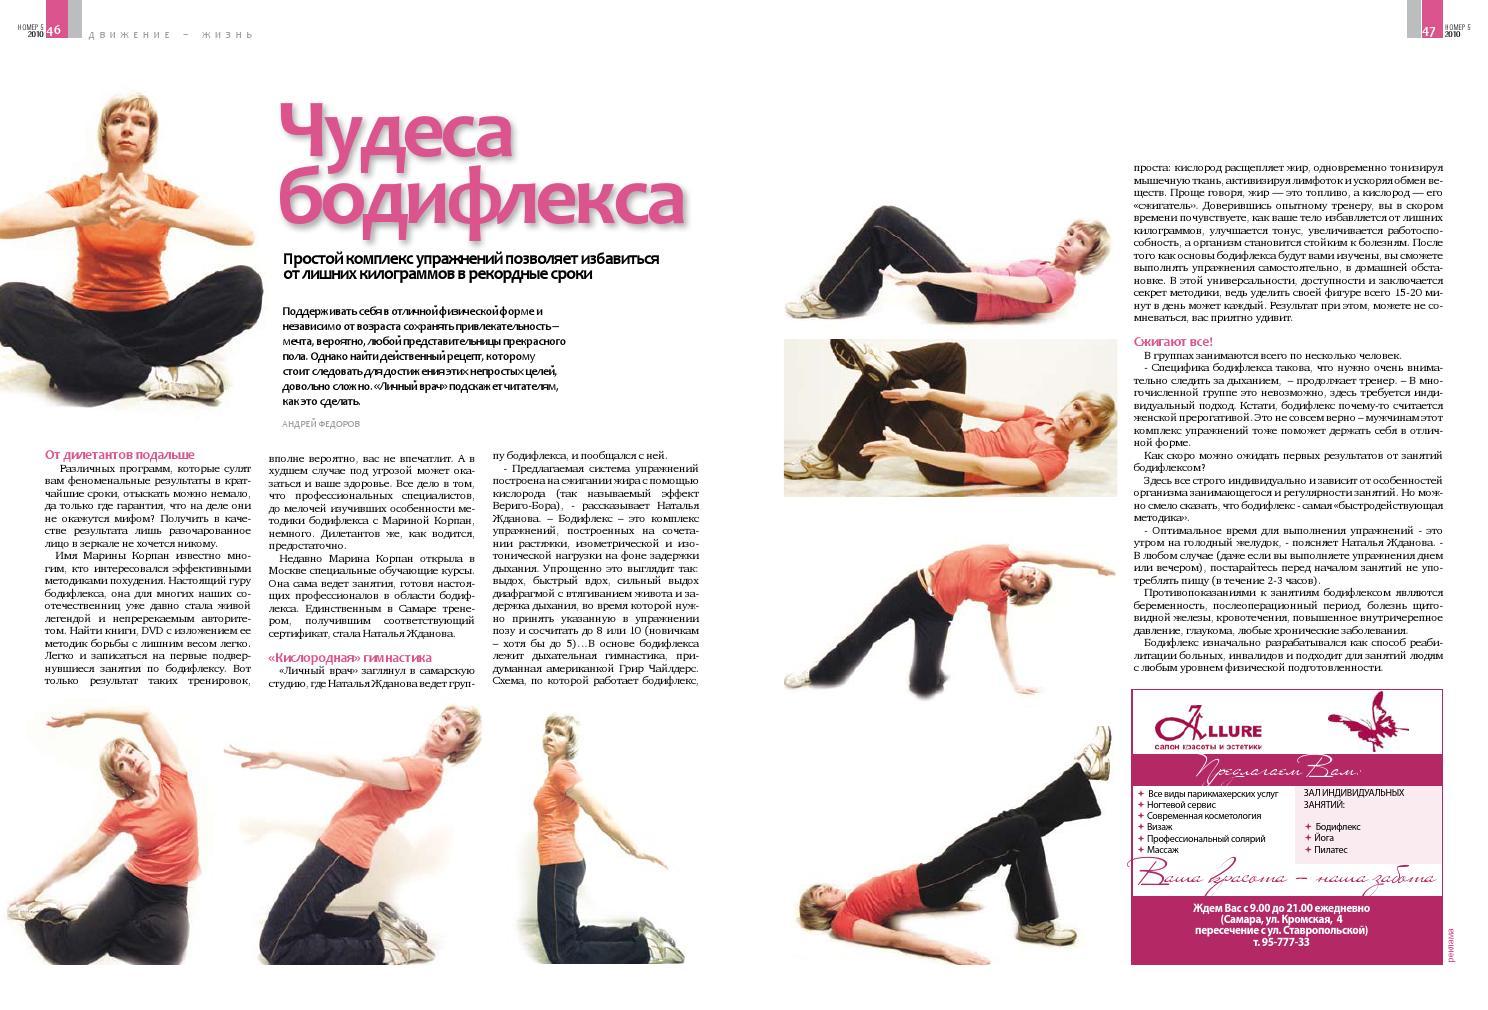 Бодифлекс - упражнения для похудения, гимнастика для начинающих